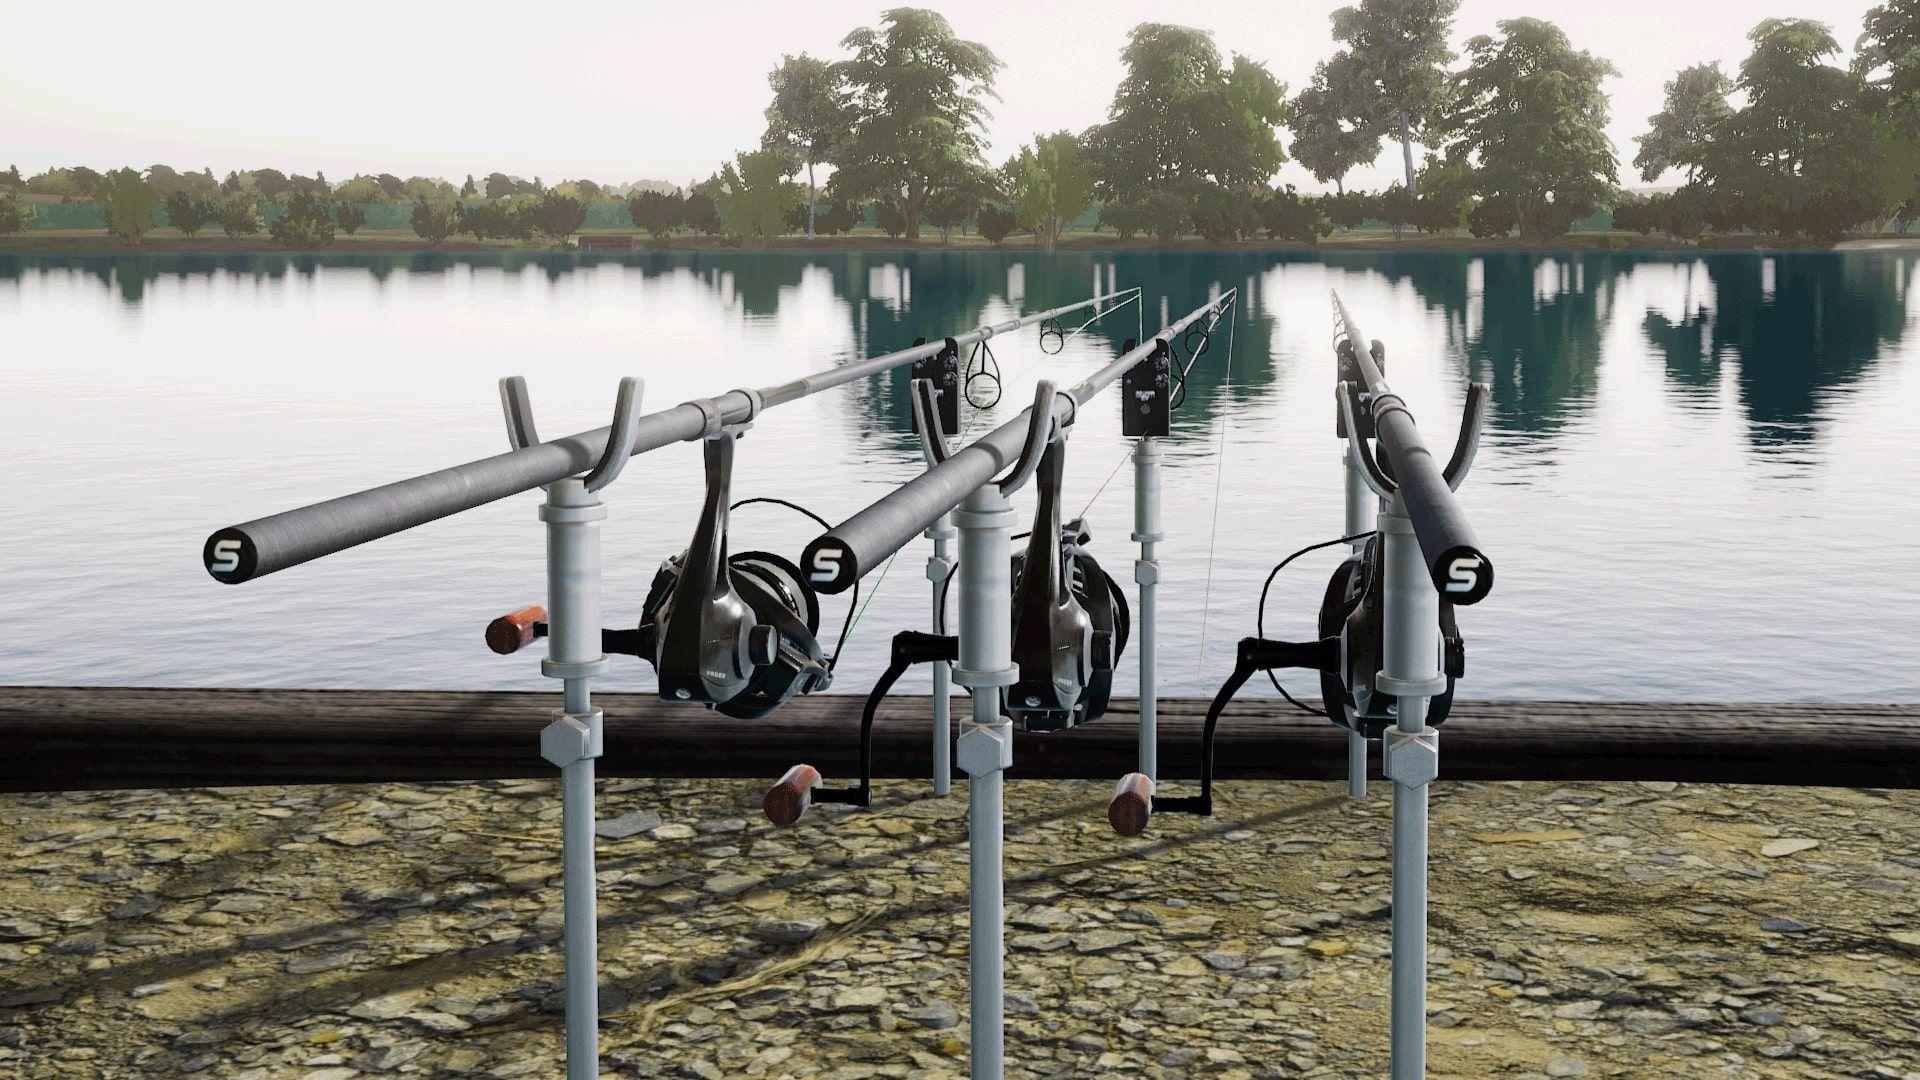 FISHINGSIMWORLDPTGIGANTICA3.jpg